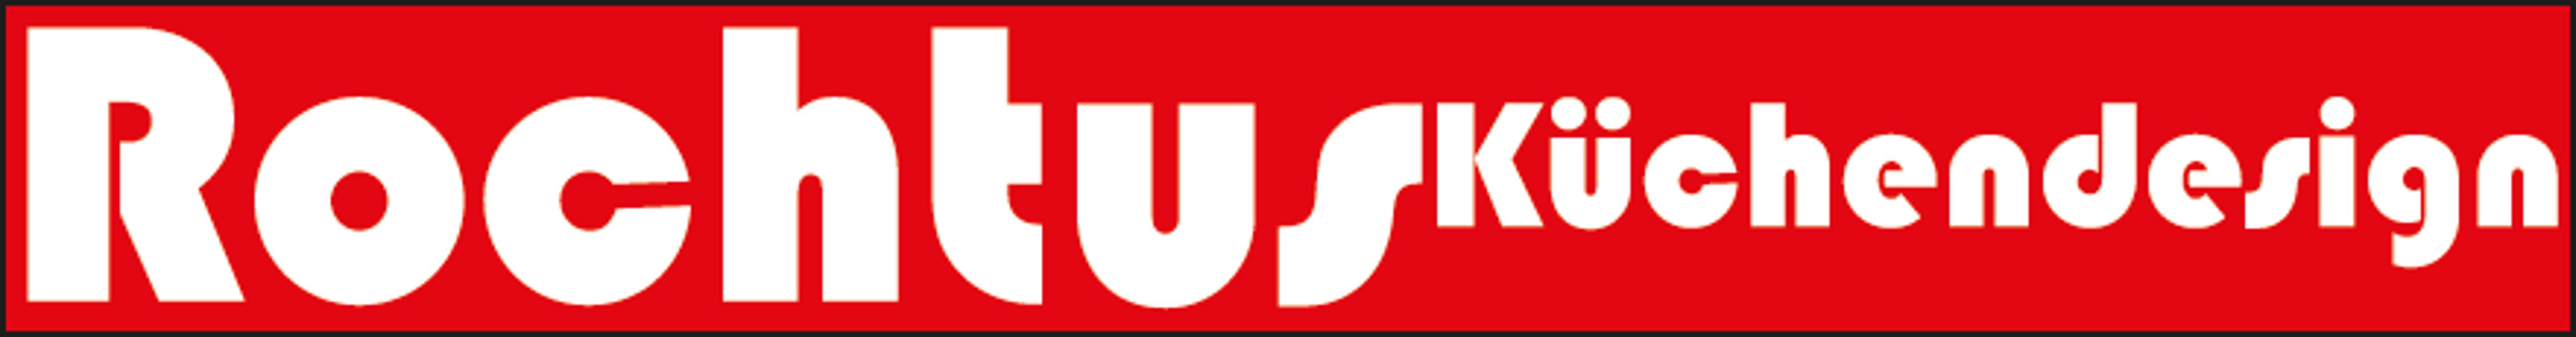 Logo von Rochtus-Küchendesign Inh. Jörg Durczak